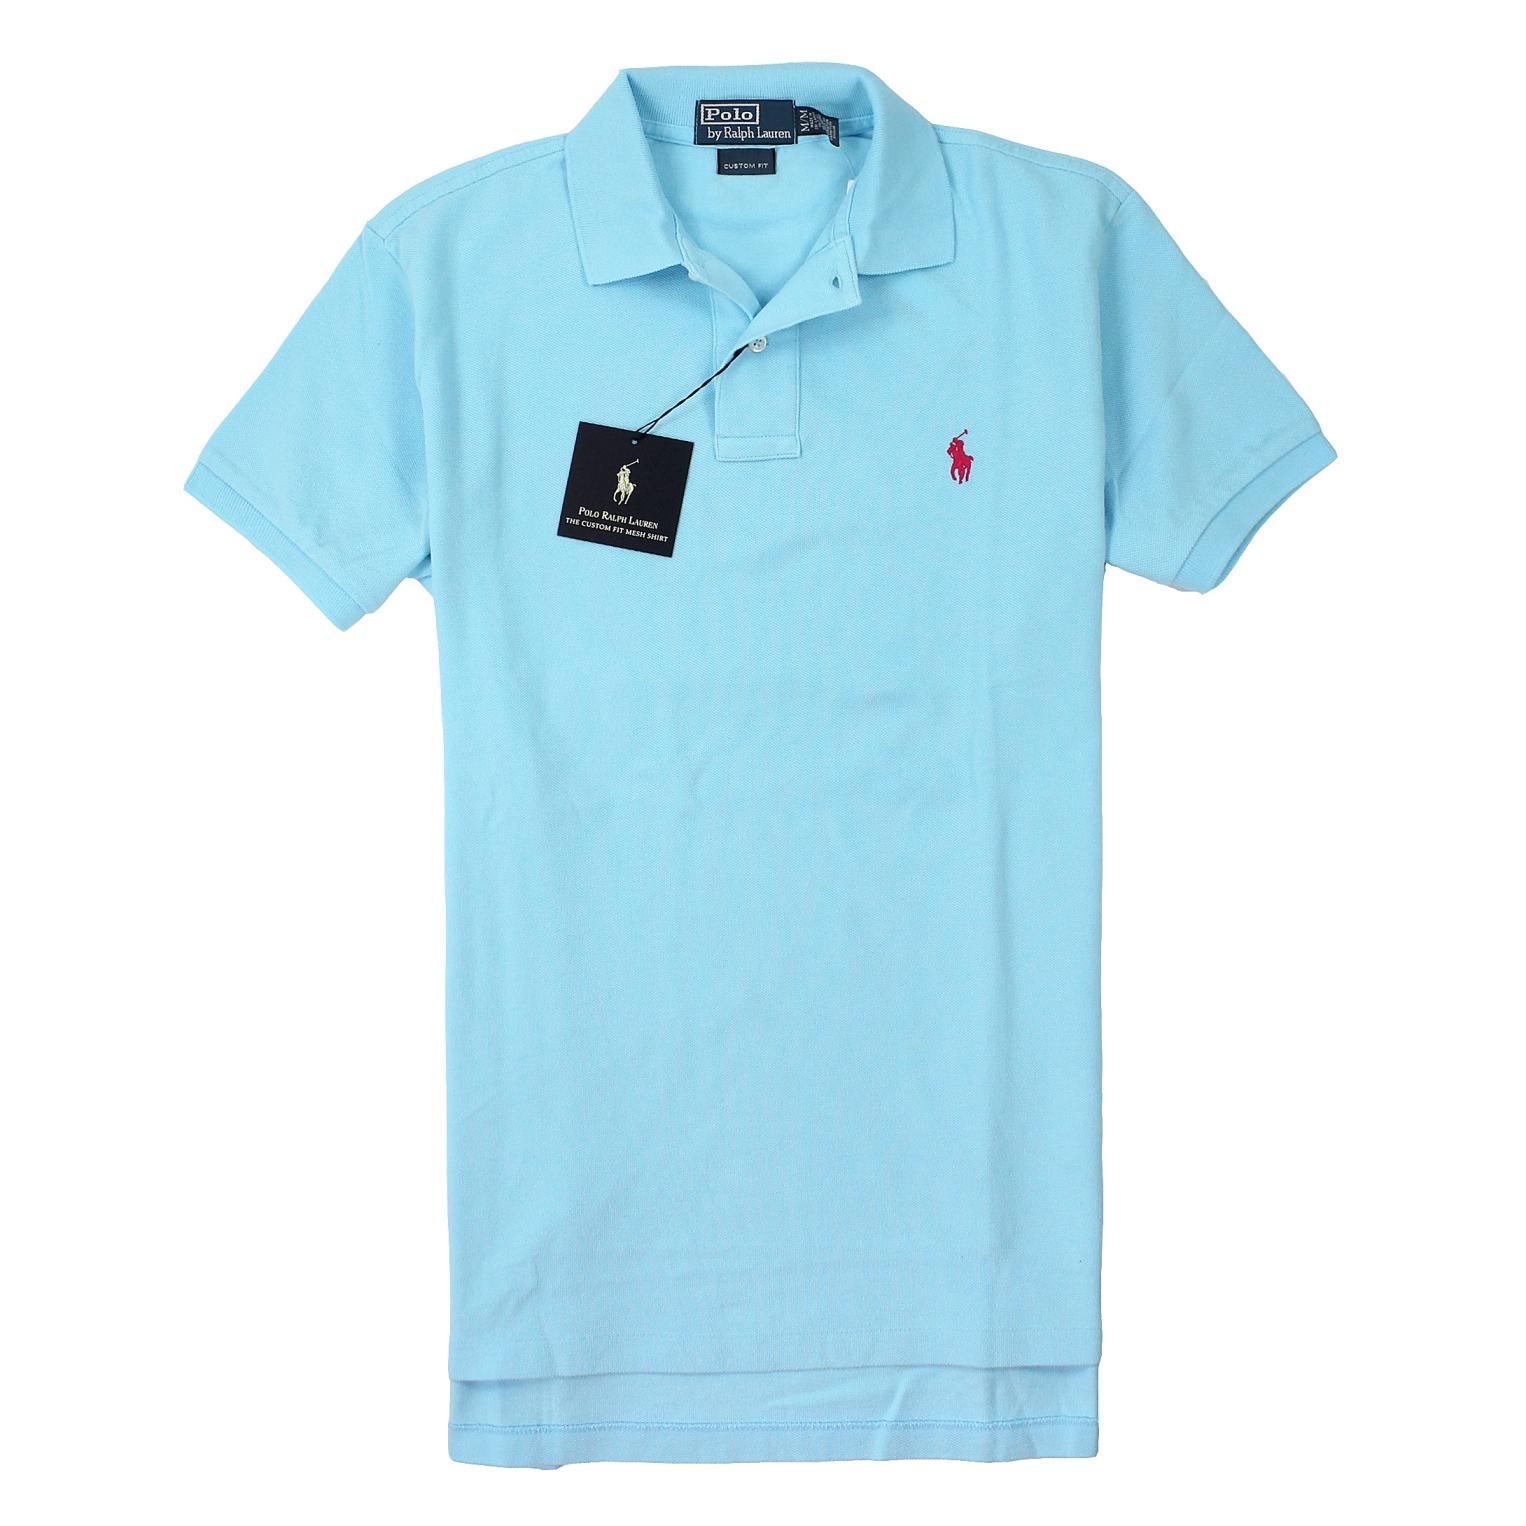 美國百分百【全新真品】Ralph Lauren Polo衫 RL 上衣 短袖 Polo 小馬 亮藍 素面 網眼 男衣 S號 B001